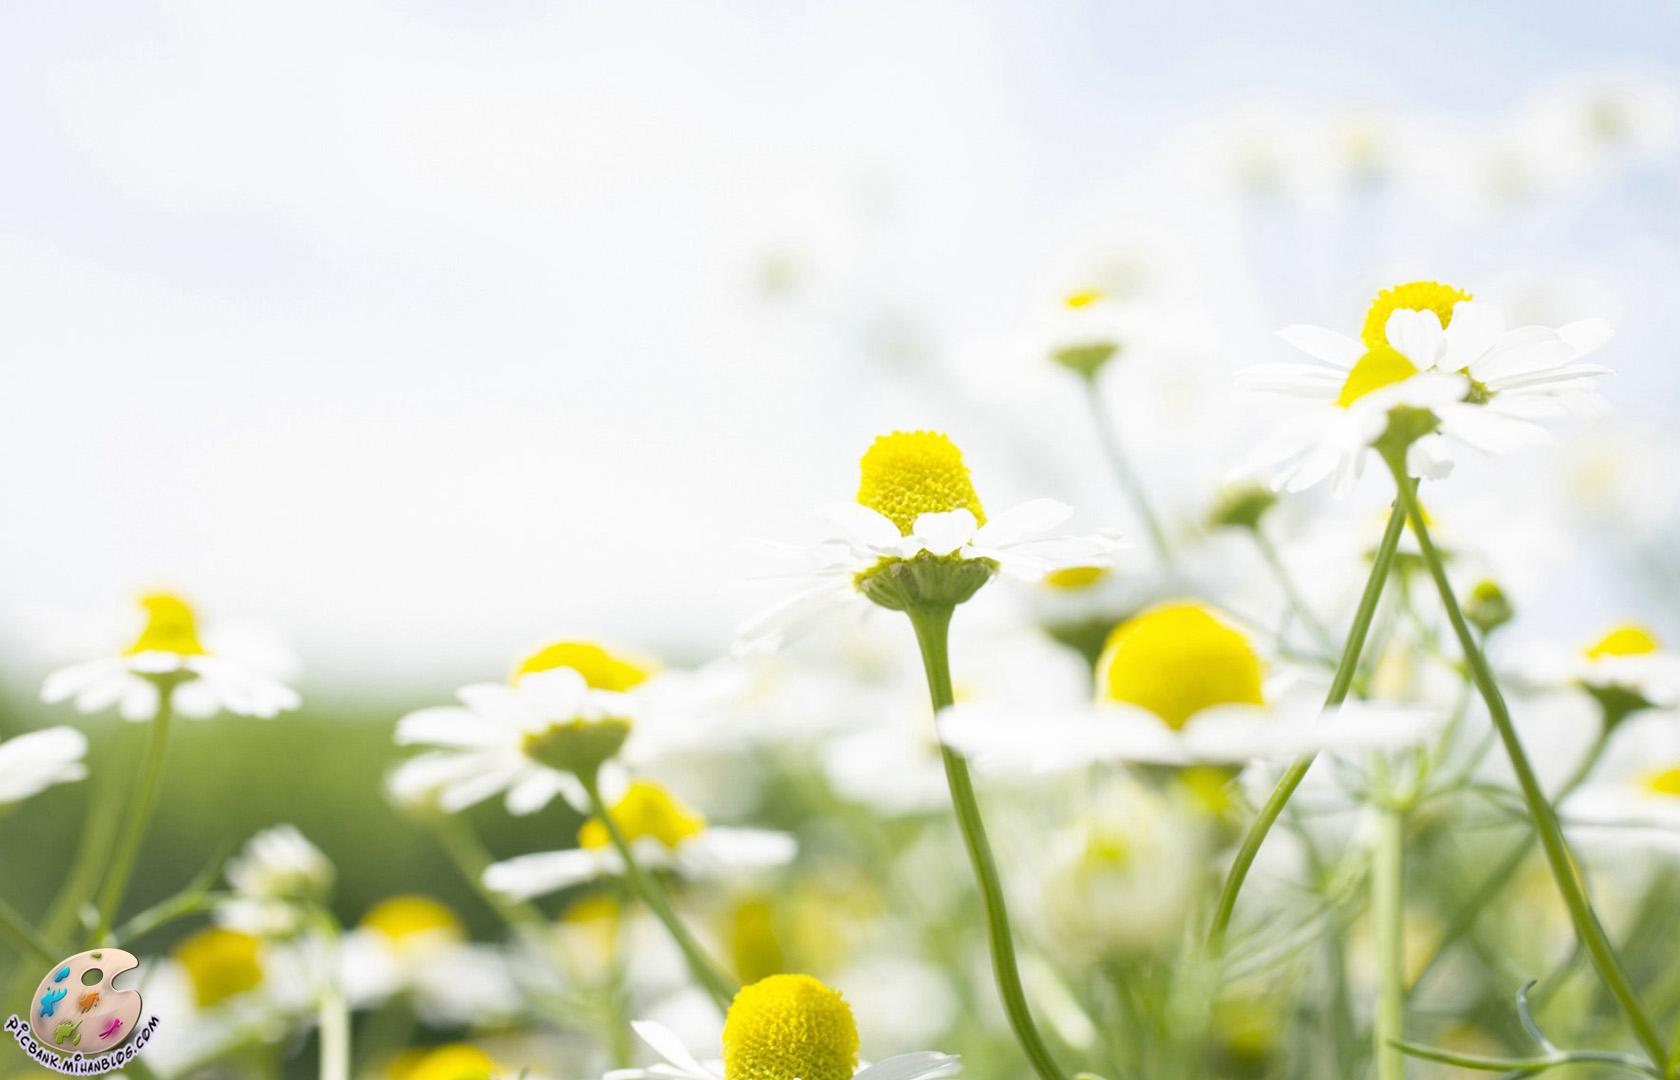 بابونه ، گل بابونه ، گلهای بابونه ، عکس گل بابونه ، عکسهای گل بابونه ، عکس بابونه ، عکسهای بابونه ، عکس ، عکسهای زیبا ، عکس های زیبا ، عکس باکیفیت ، عکس با کیفیت ، عکسهای باکیفیت ، گل ، عکس گل ، عکسهای گل ، گل و گیاه ، عکس گل و گیاه ، عکسهای گل و گیاه ، والپیپر ، والپیپرهای زیبا ، والپیپر زیبا ، والپیپر گل ، والپیپرهای گل ، والپیپر گل و گیاه ، گلهای زیبا ، گلها ، گل ها ، گل های زیبا ، عکس لطیف ، عکس دیدنی ، عکسهای دیدنی ، طبیعت ، طبیعت زیبا ، عکسهای لطیف ، والپیپر لطیف ، والپیپرهای لطیف ، گلهای رنگارنگ ، گل های رنگارنگ ، عکس گلهای رنگارنگ ، گل صحرایی ، گلهای صحرایی ، بهاری ، گل های بهاری ، بهار ، عکس بهار ، والپیپر بهار ، والپیپرهای بهار ، عکسهای بهار ، والپیپرهای زیبای بهار ، عکسهای دیدنی گل ، گلهای بهاری ، شکوفه ، شکوفه های زیبا ، شکوفه ها ، شکوفه بهاری ، شکوفه های بهاری ، شکوفه زیبا ، شکوفه زیبای بهاری ، شکوفه های زیبا ، شکوفه های زیبای بهاری ، عکس شکوفه ، عکسهای شکوفه ، والپیپر شکوفه ، والپیپرهای شکوفه ، والپیپر بهار ، والپیپرهای بهار ، بک گراند ، بکگراند ، عکس دسکتاپ ، عکسهای دسکتاپ ، عکس بک گراند ، عکسهای بک گراند ، بک گراند کامپیوتر ، دسکتاپ کامپیوتر ،